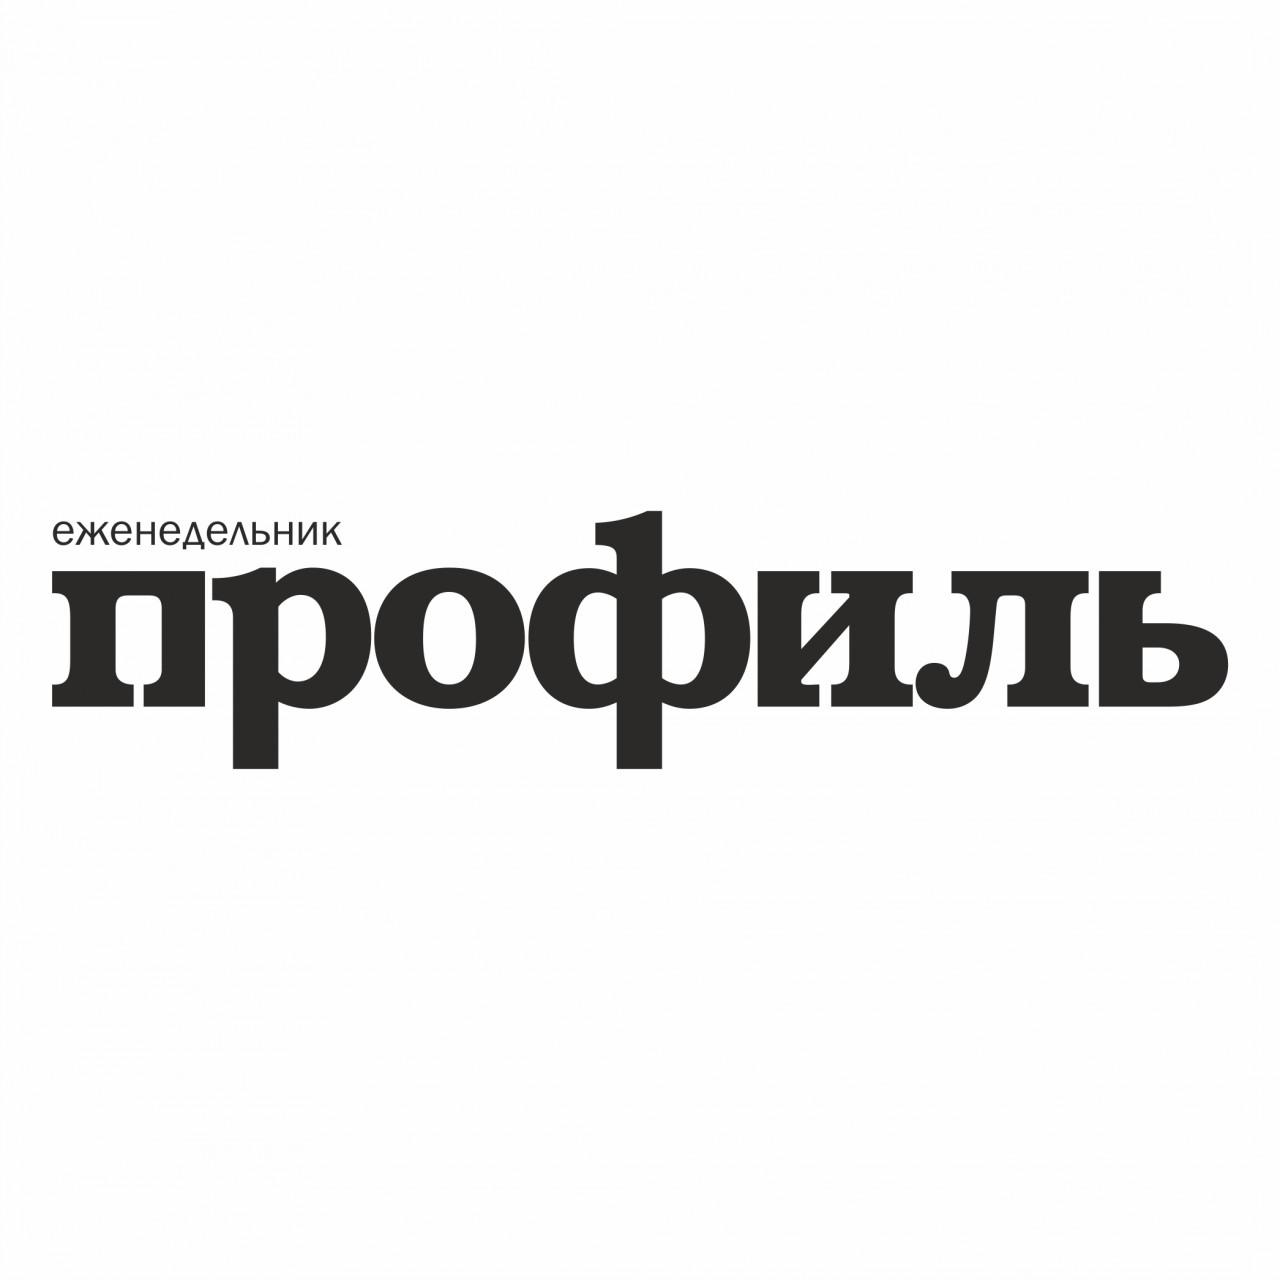 Медведев анонсировал закон об изменении пенсионного возраста